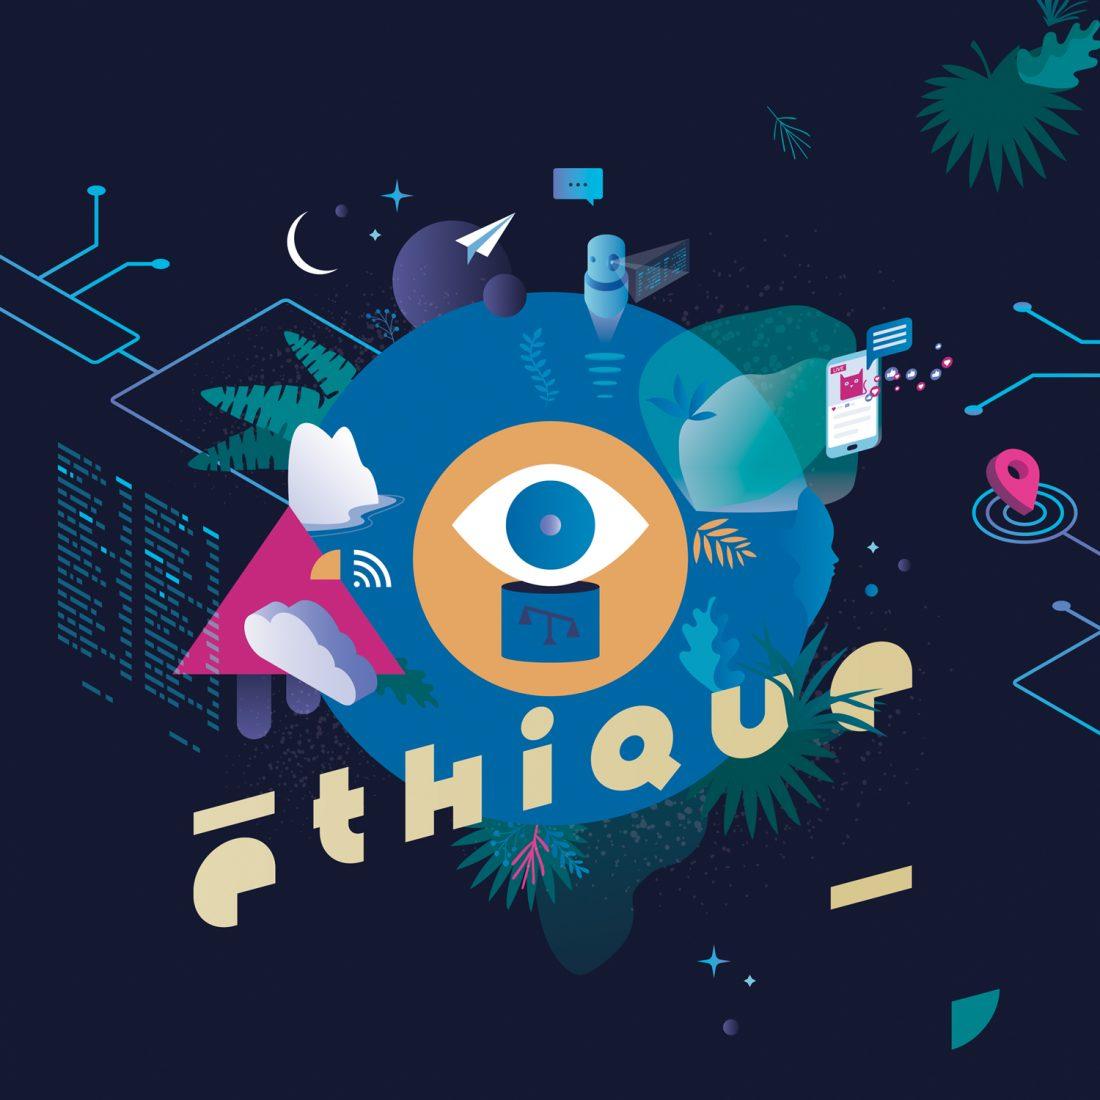 Nouvelle identité graphique NWX Summer Festival 2019 by WALA Studio graphique